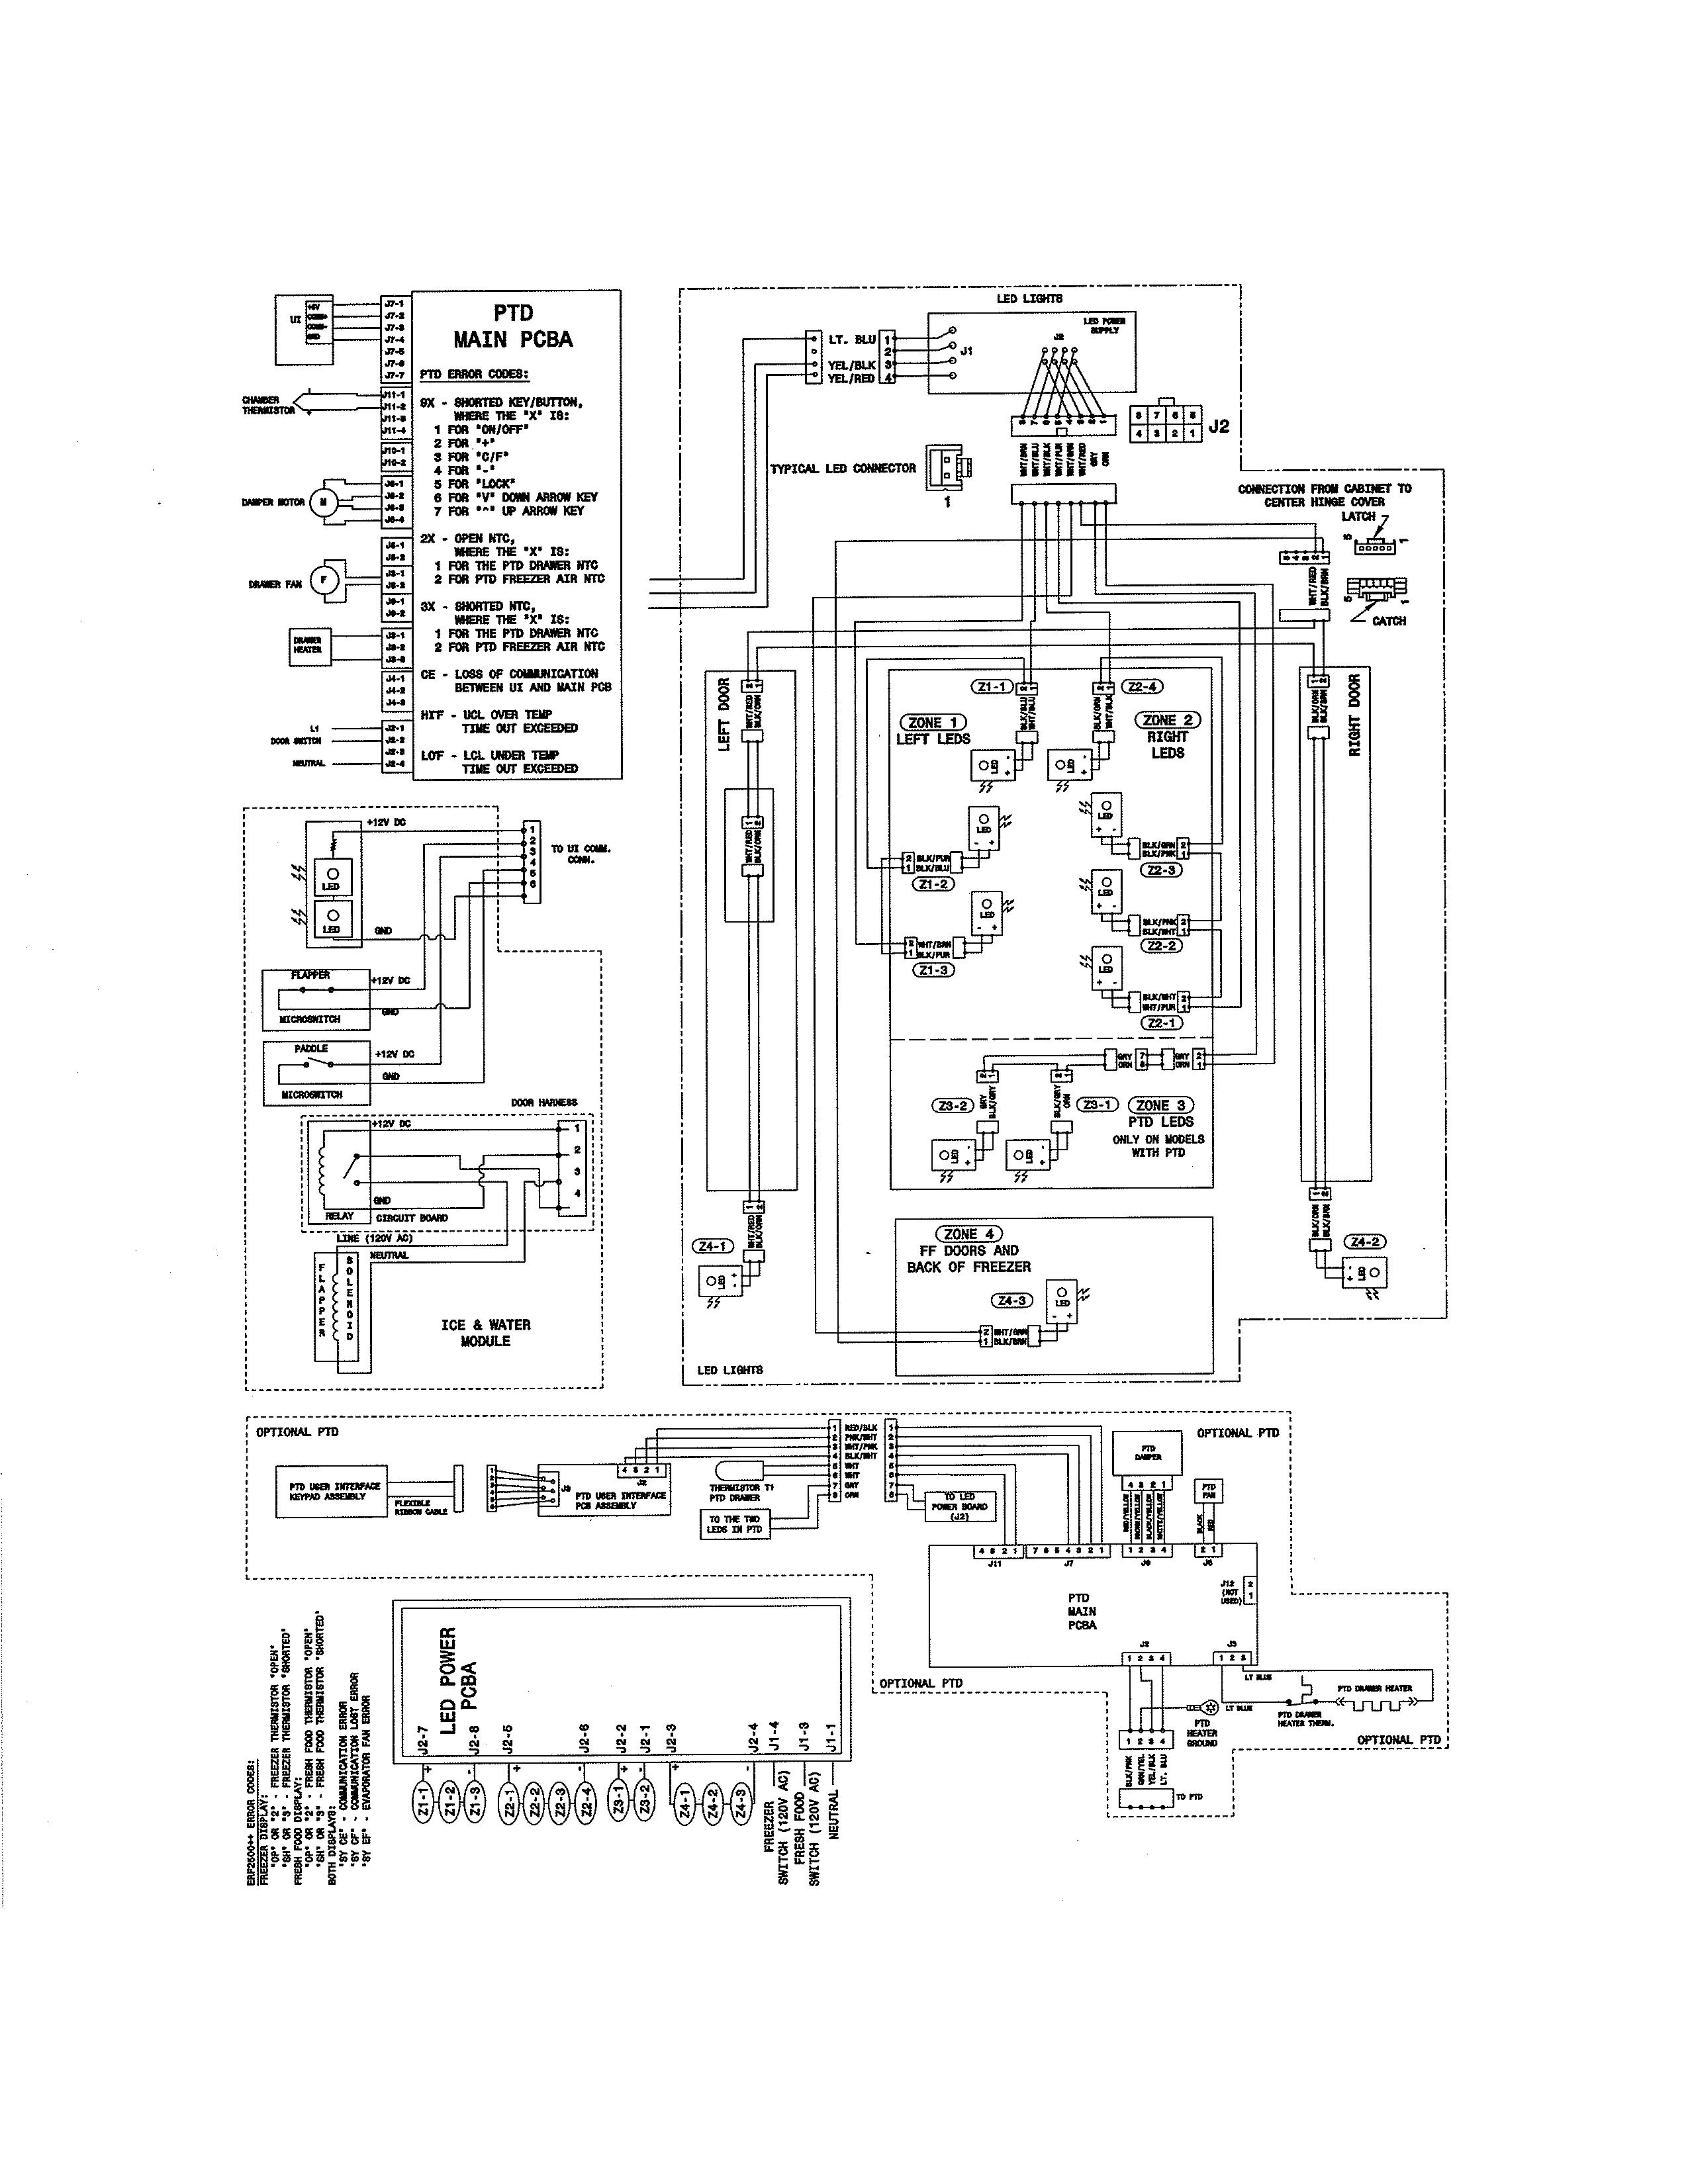 Wiring Diagram Electrolux #1205